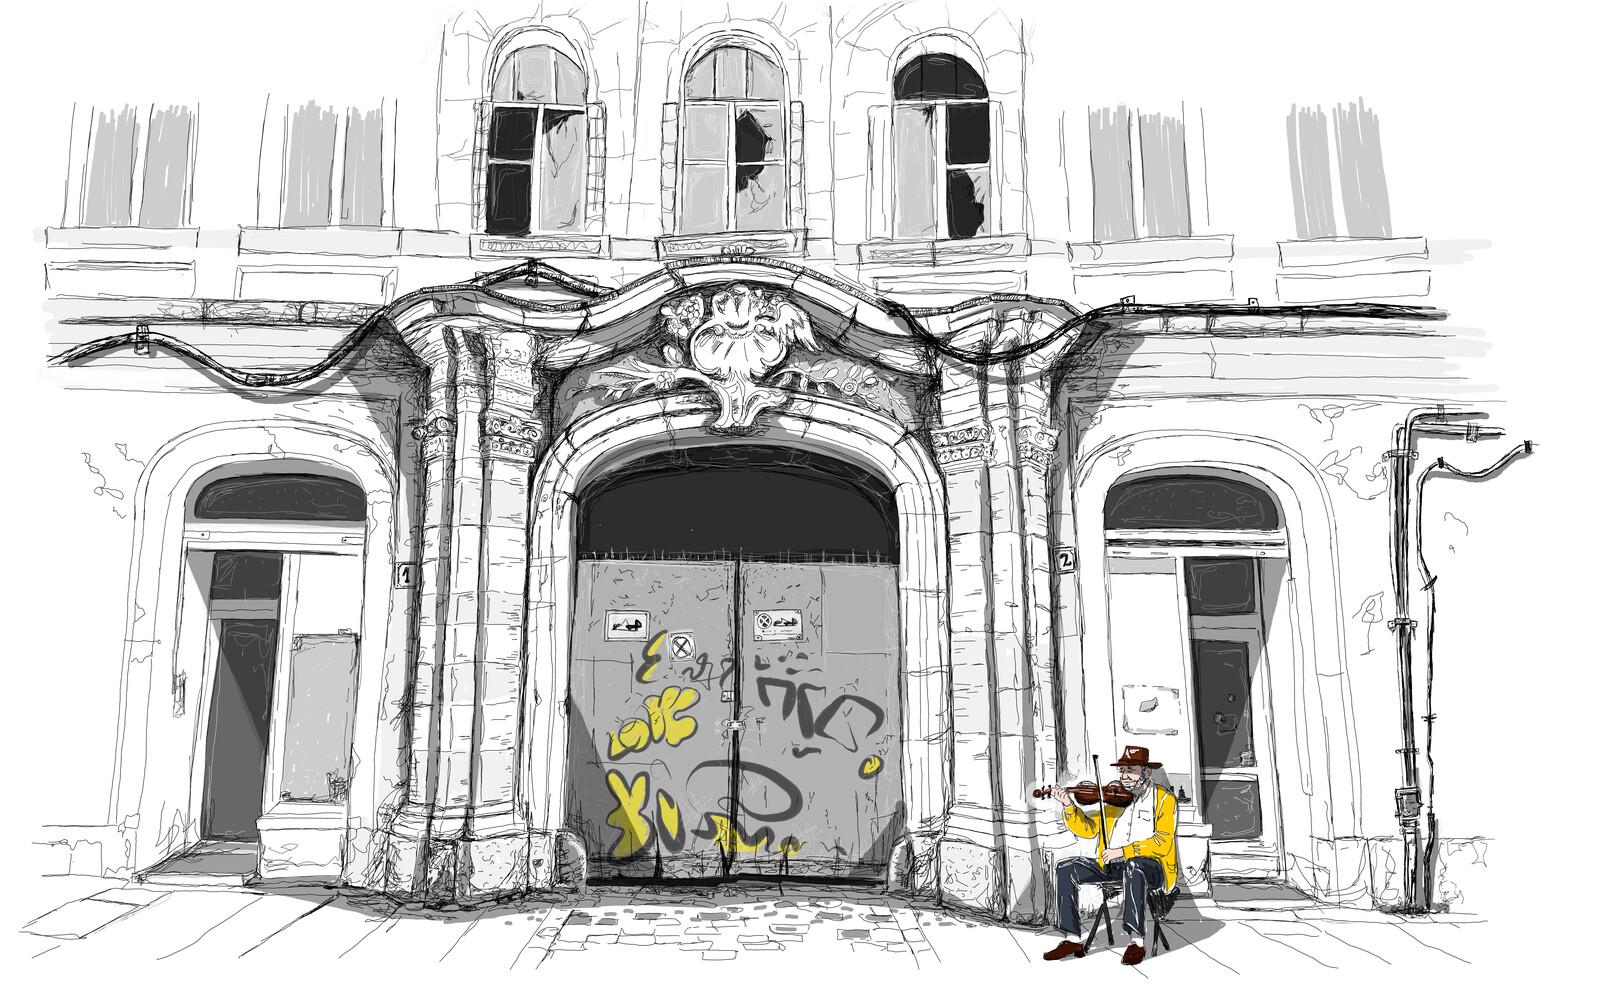 Street Music, Urban Sketching